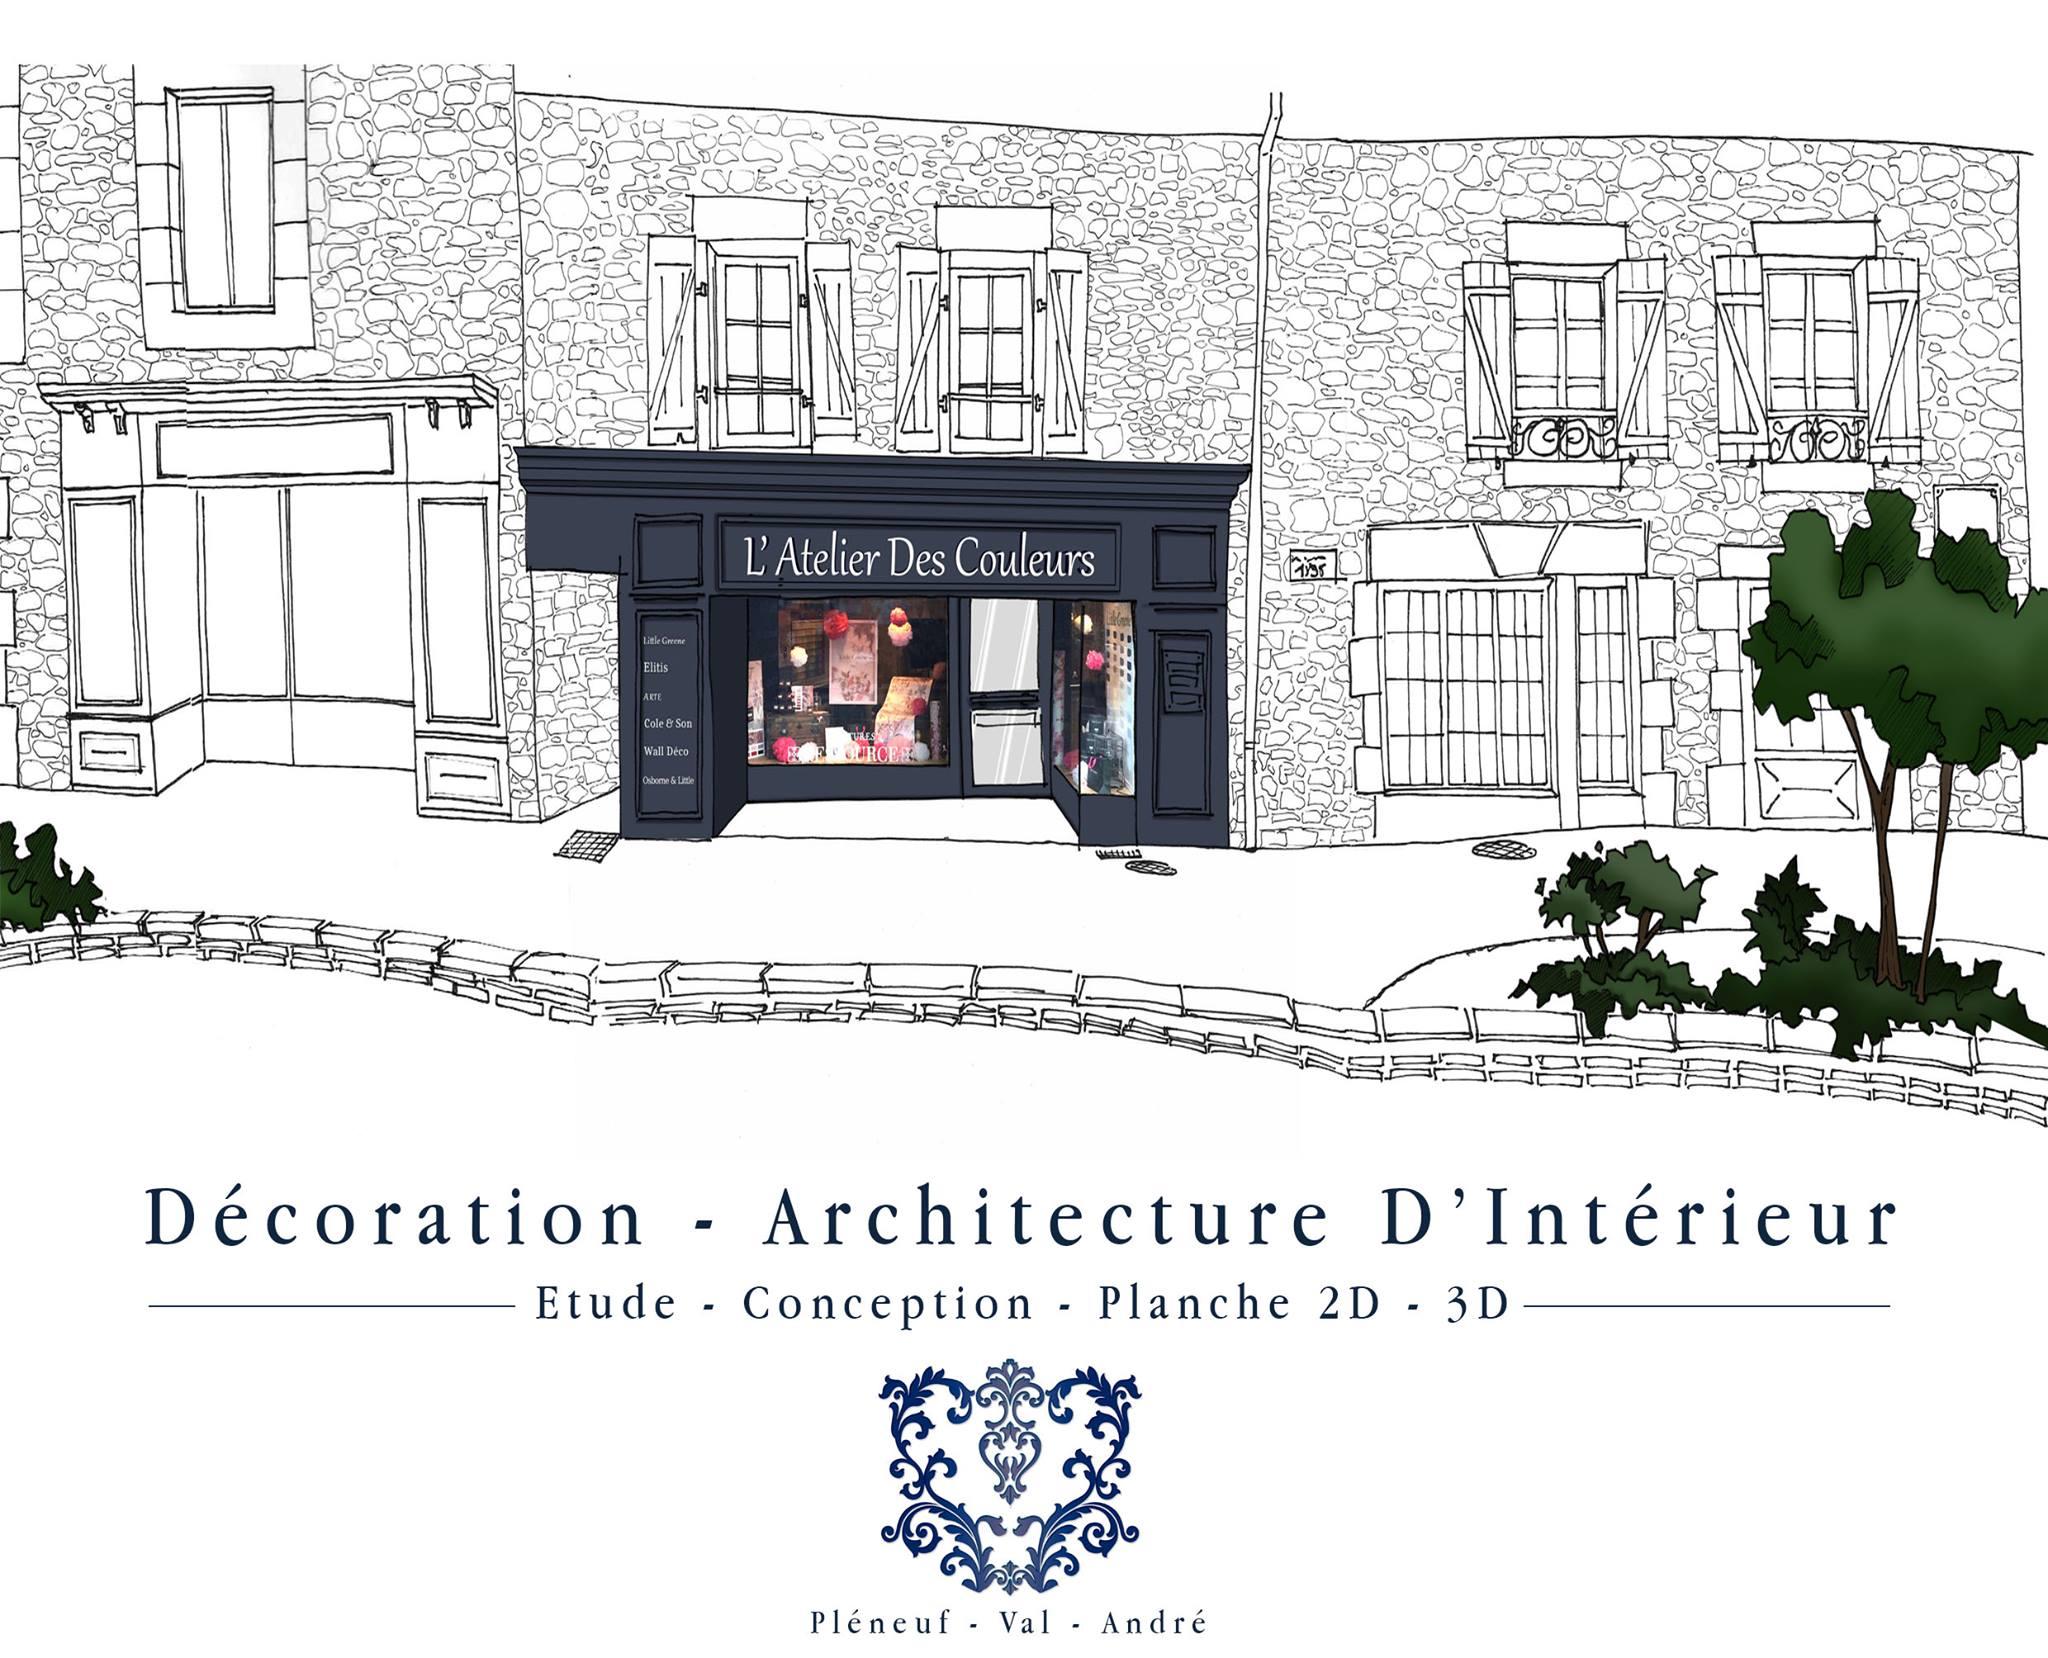 atelier 3d couleur que kapoor a ngoci les droits exclusifs du vantablack se mettant ainsi dos. Black Bedroom Furniture Sets. Home Design Ideas